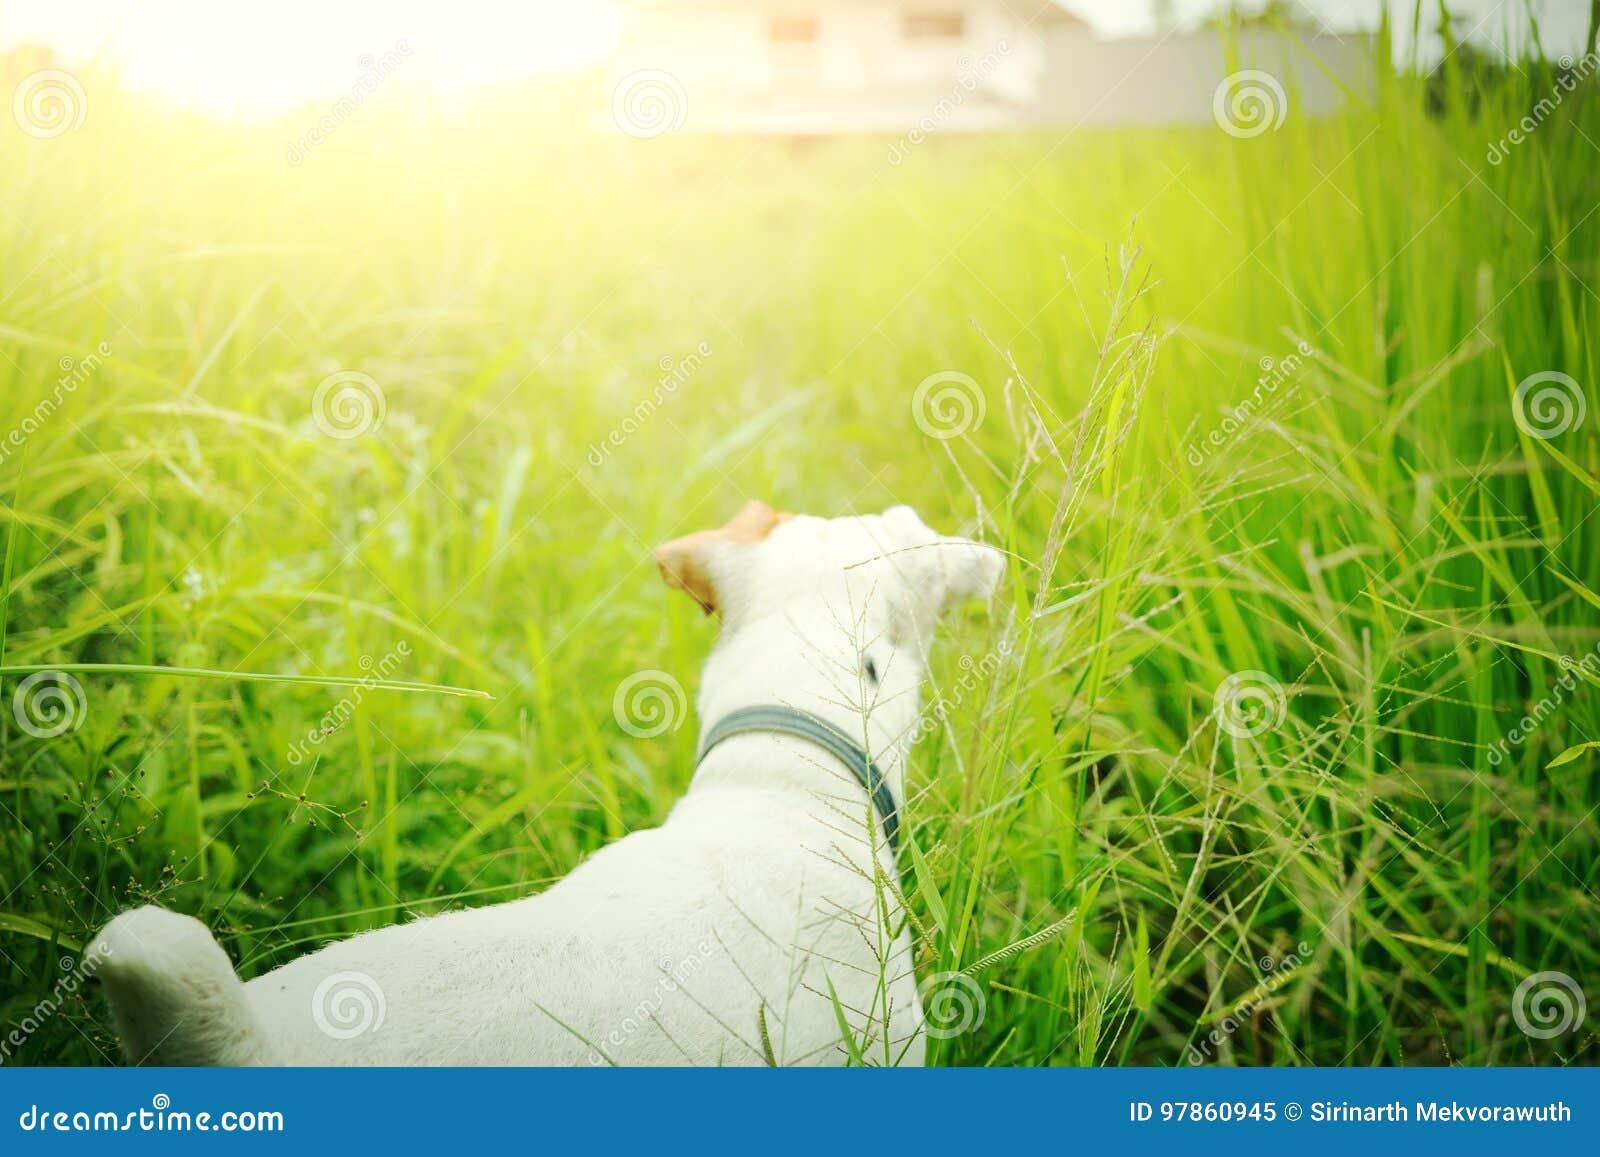 Przegrany psi znalezisko swój dom Zwierzę domowe i zwierzę